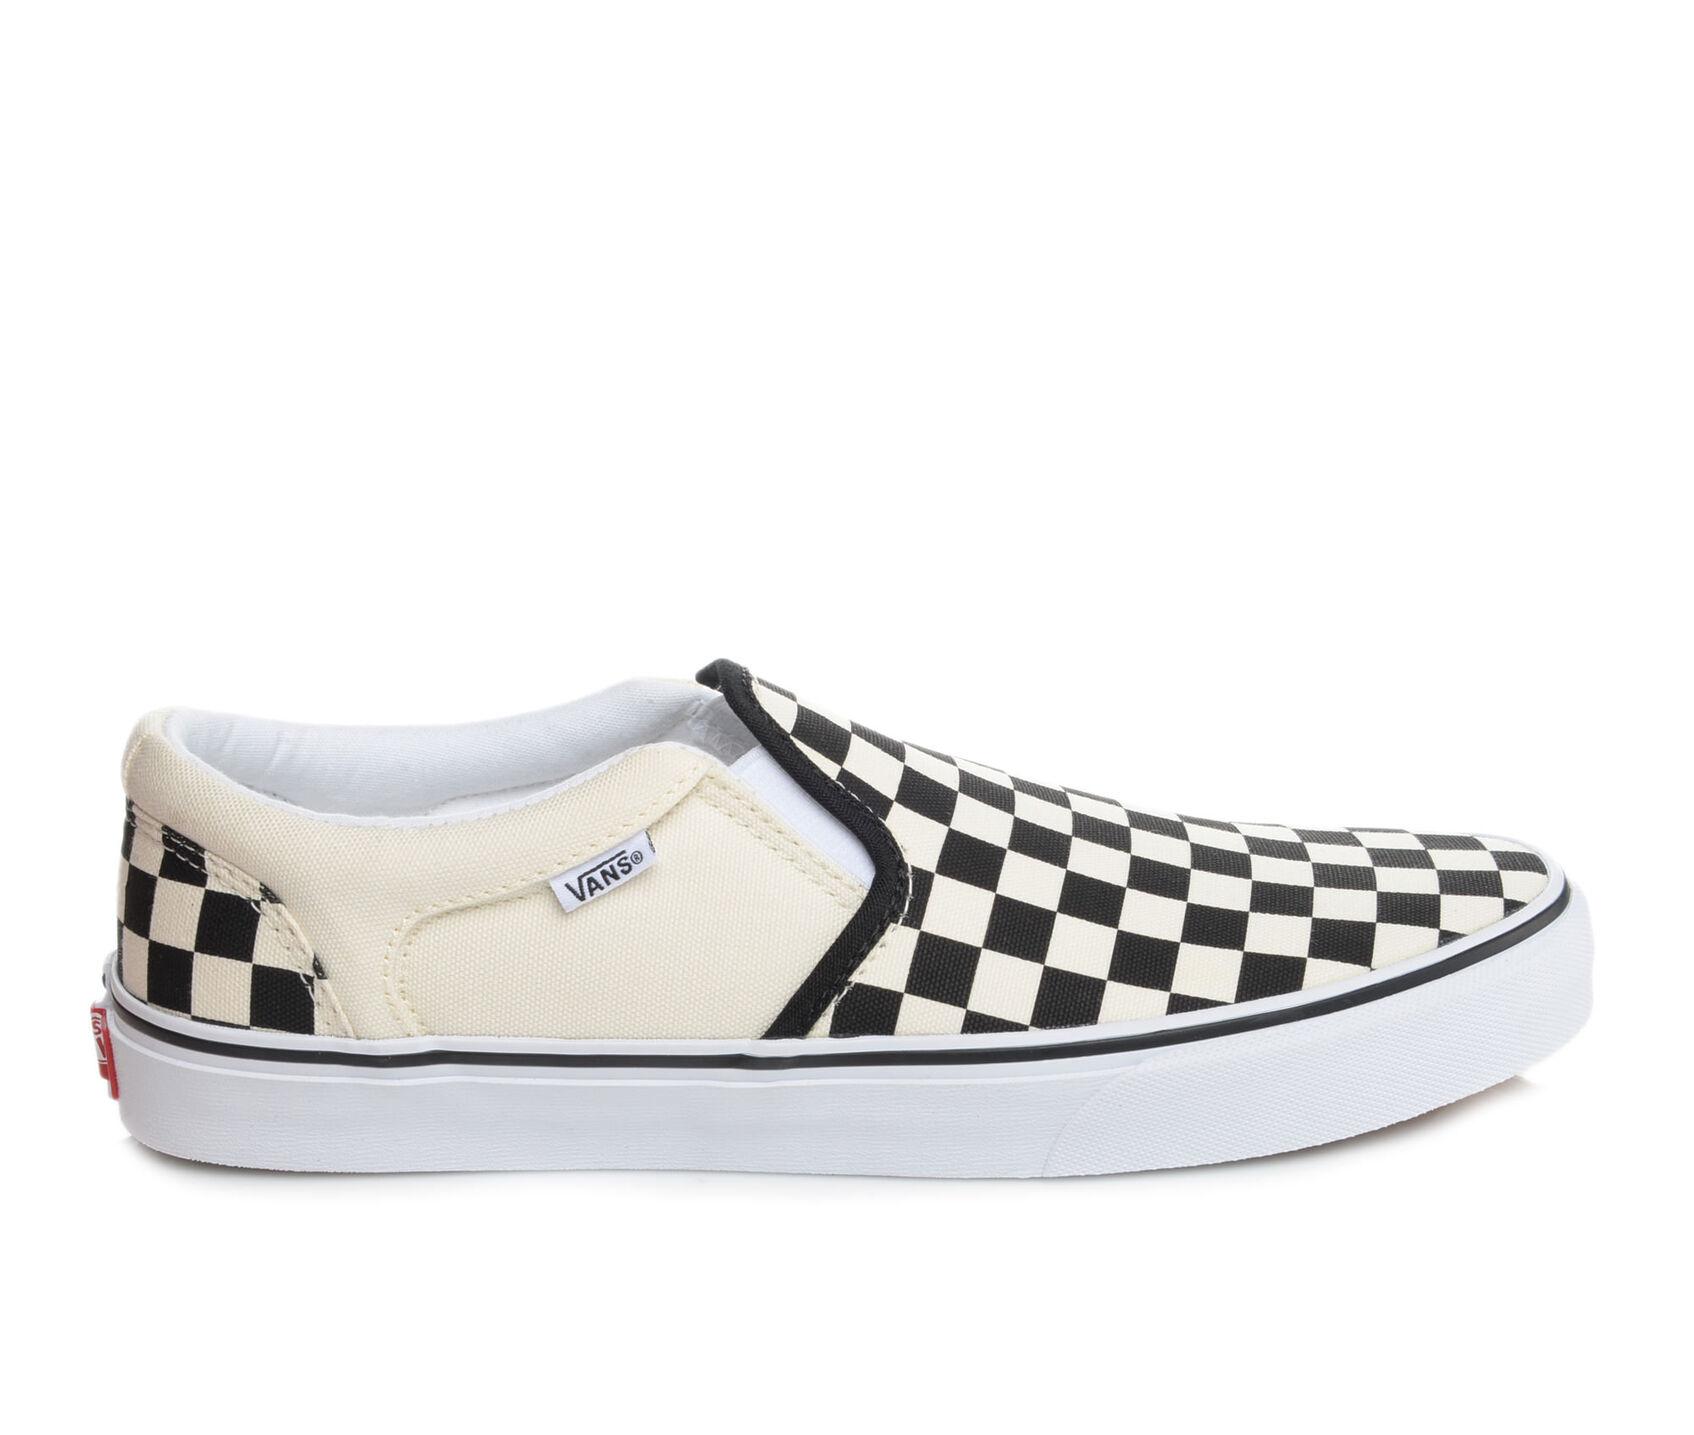 Vans Shoe Carnioval